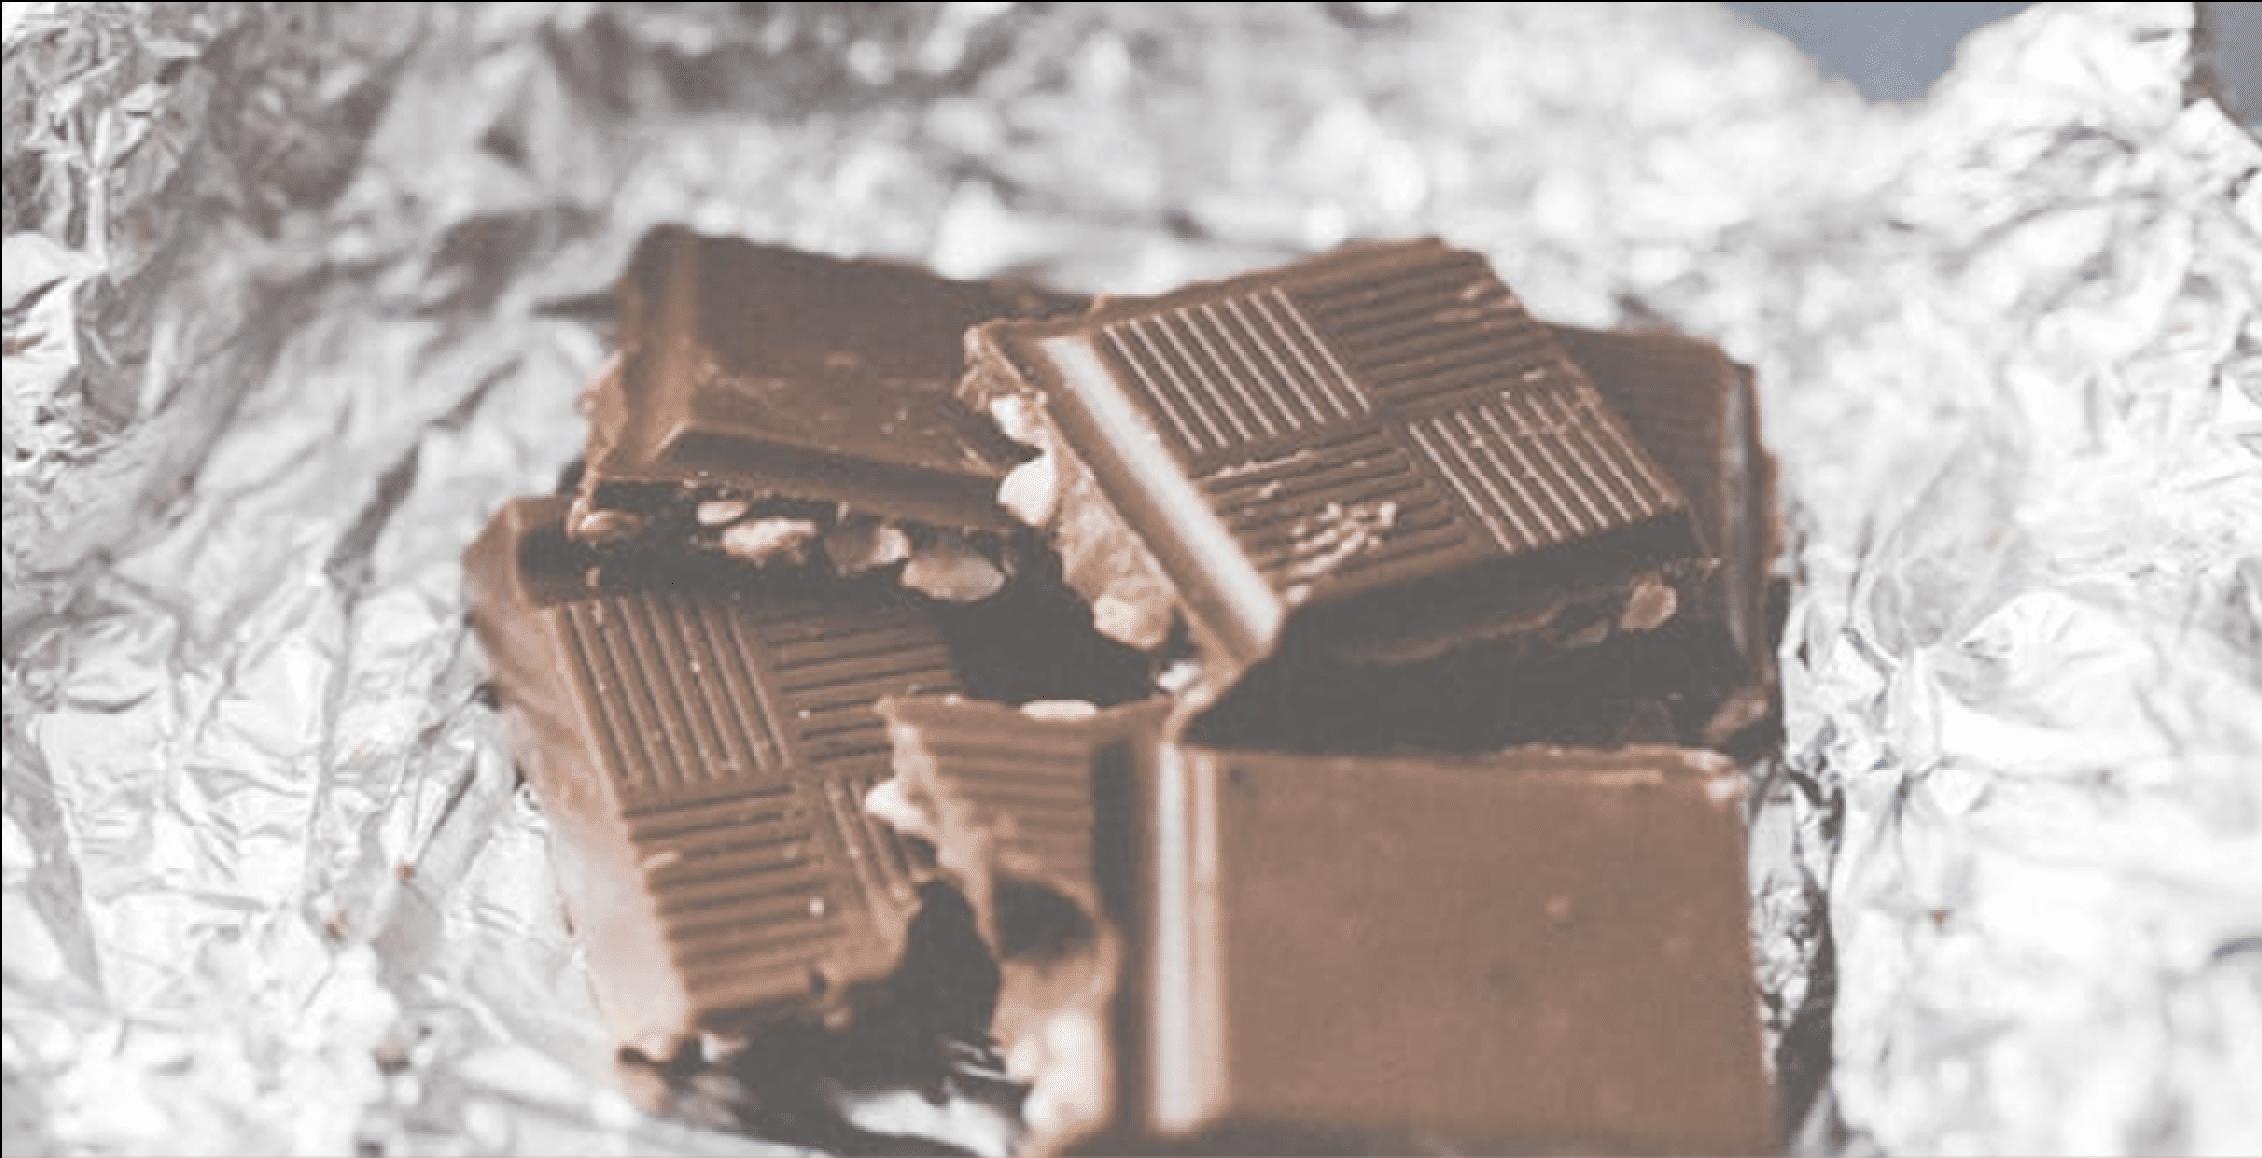 Tip #2: Deel je chocolade